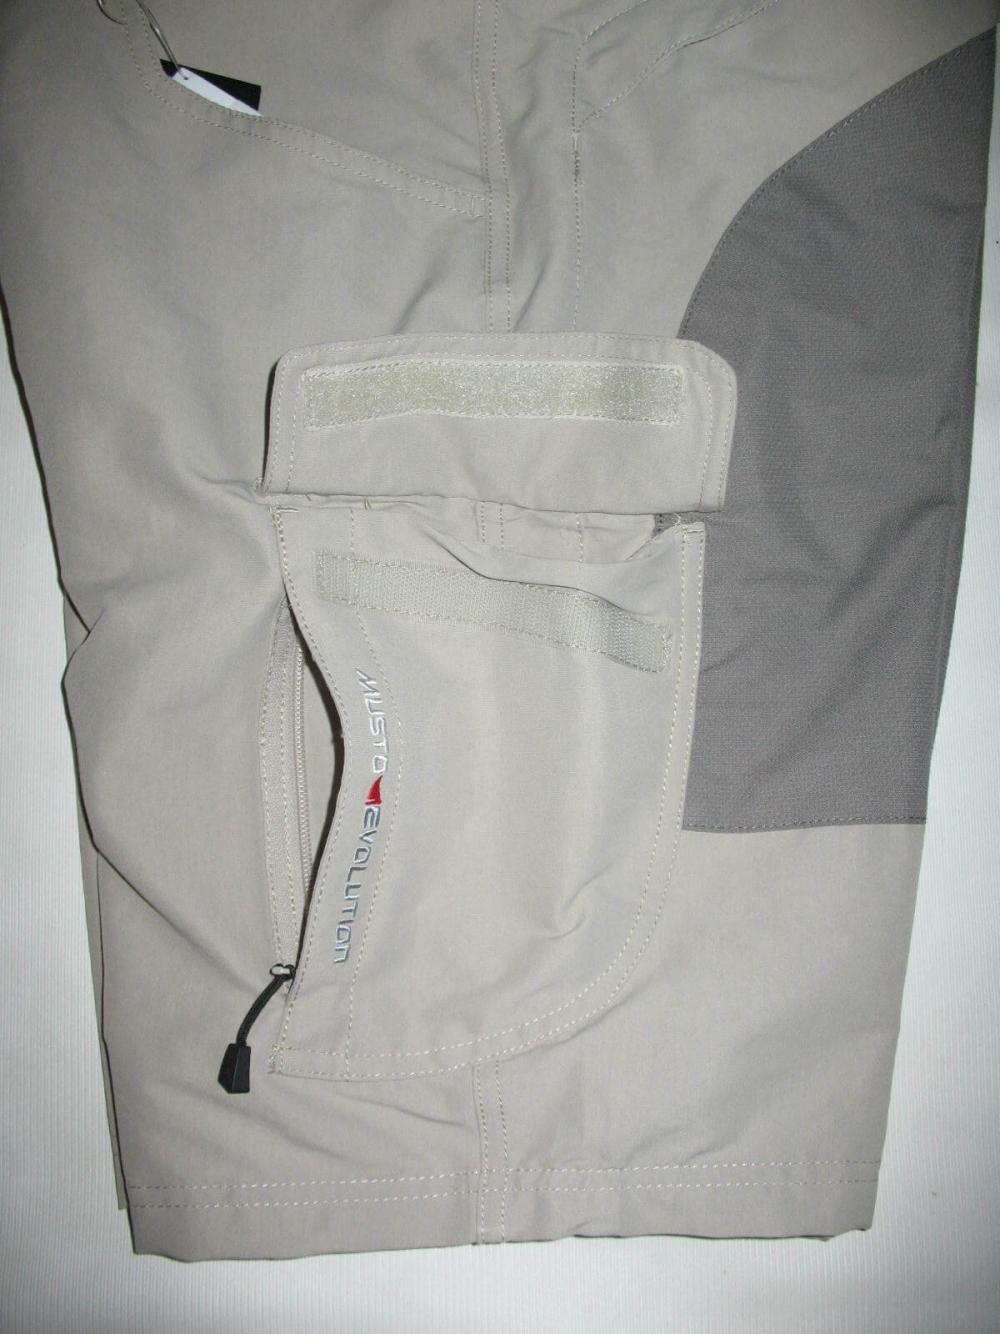 Шорты MUSTO evolution performance yachting shorts (размер 32/M) - 5